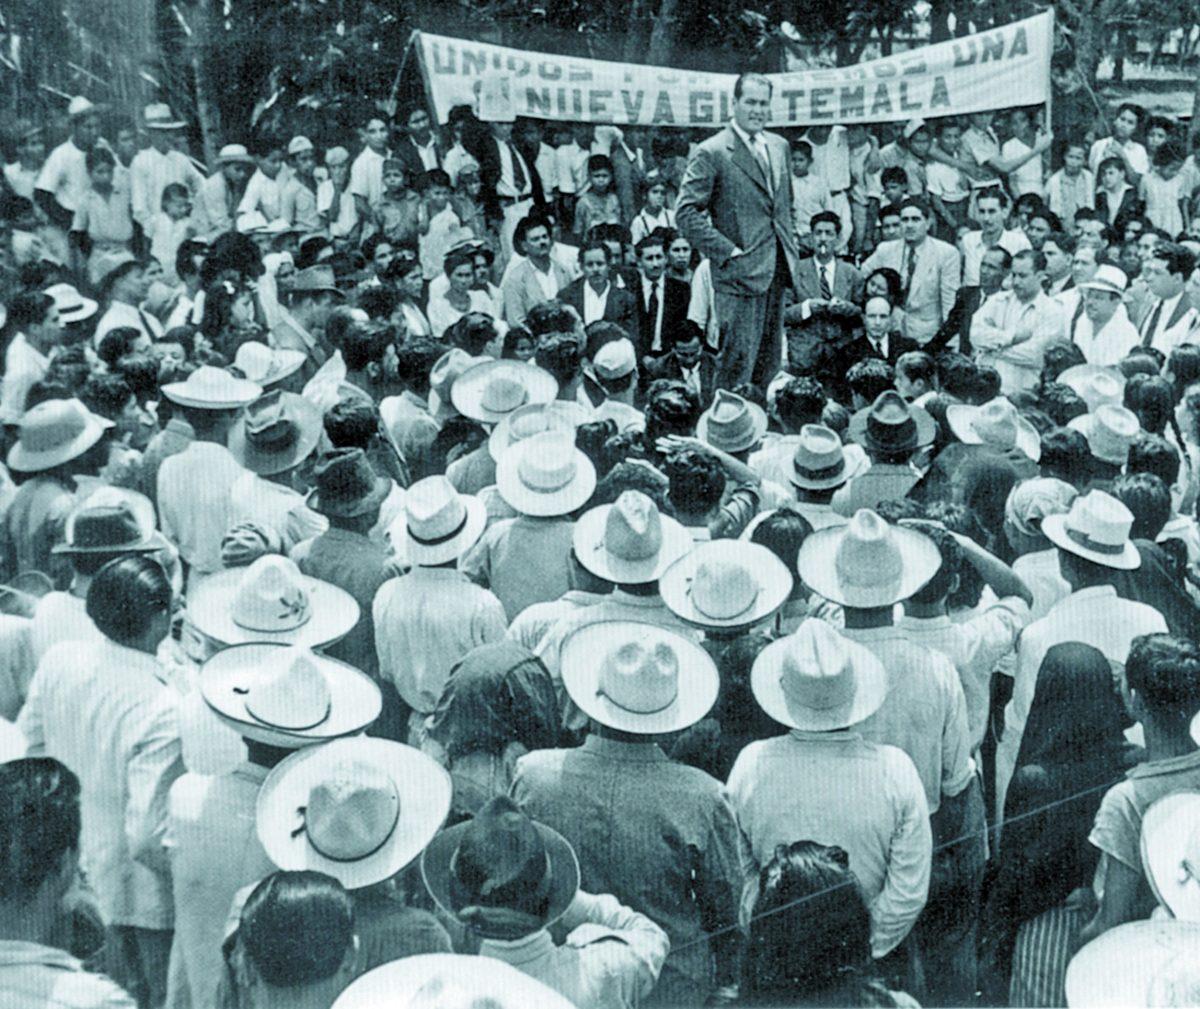 Historia de Guatemala: Arévalo asume la presidencia en 1945